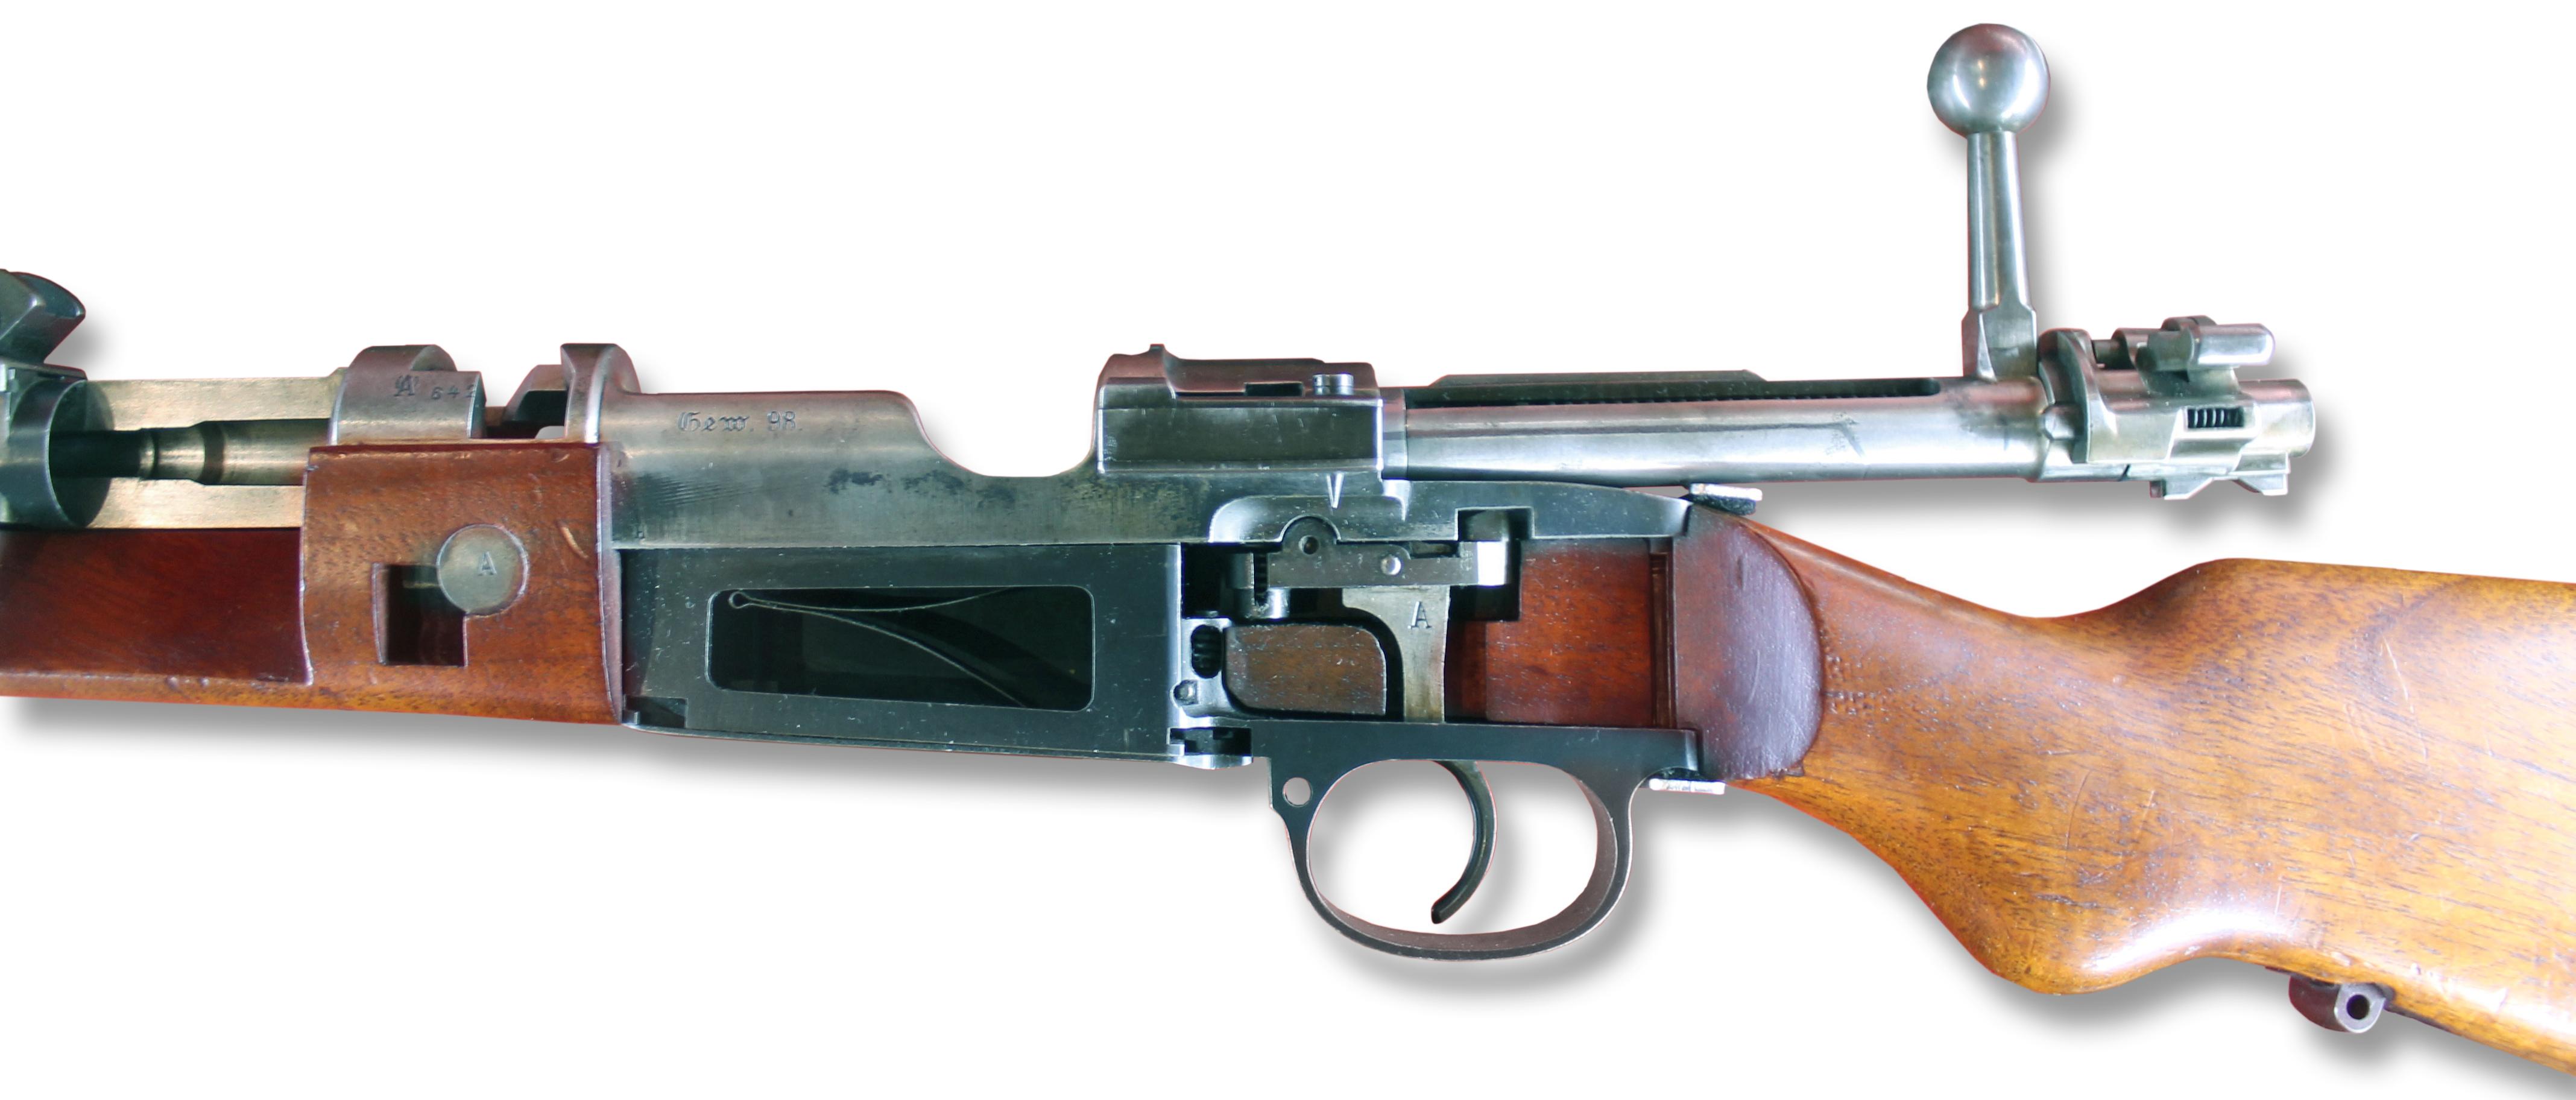 Gewehr 98 - Wikiwand